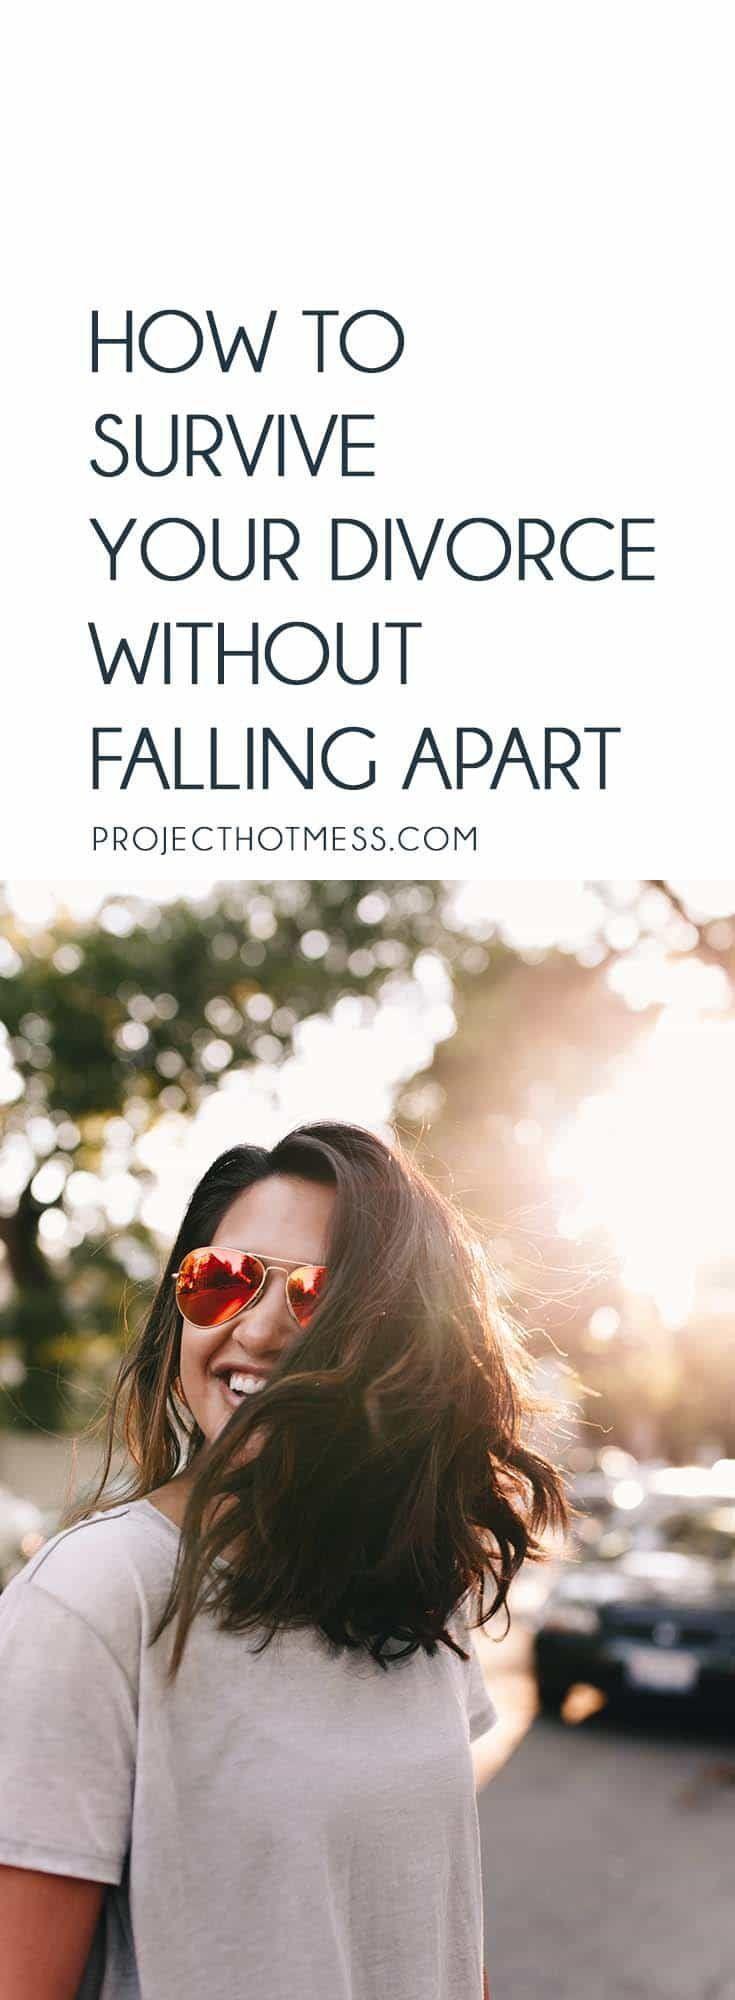 Como sobreviver ao seu divórcio sem cair aos pedaços   – Marriage Problems